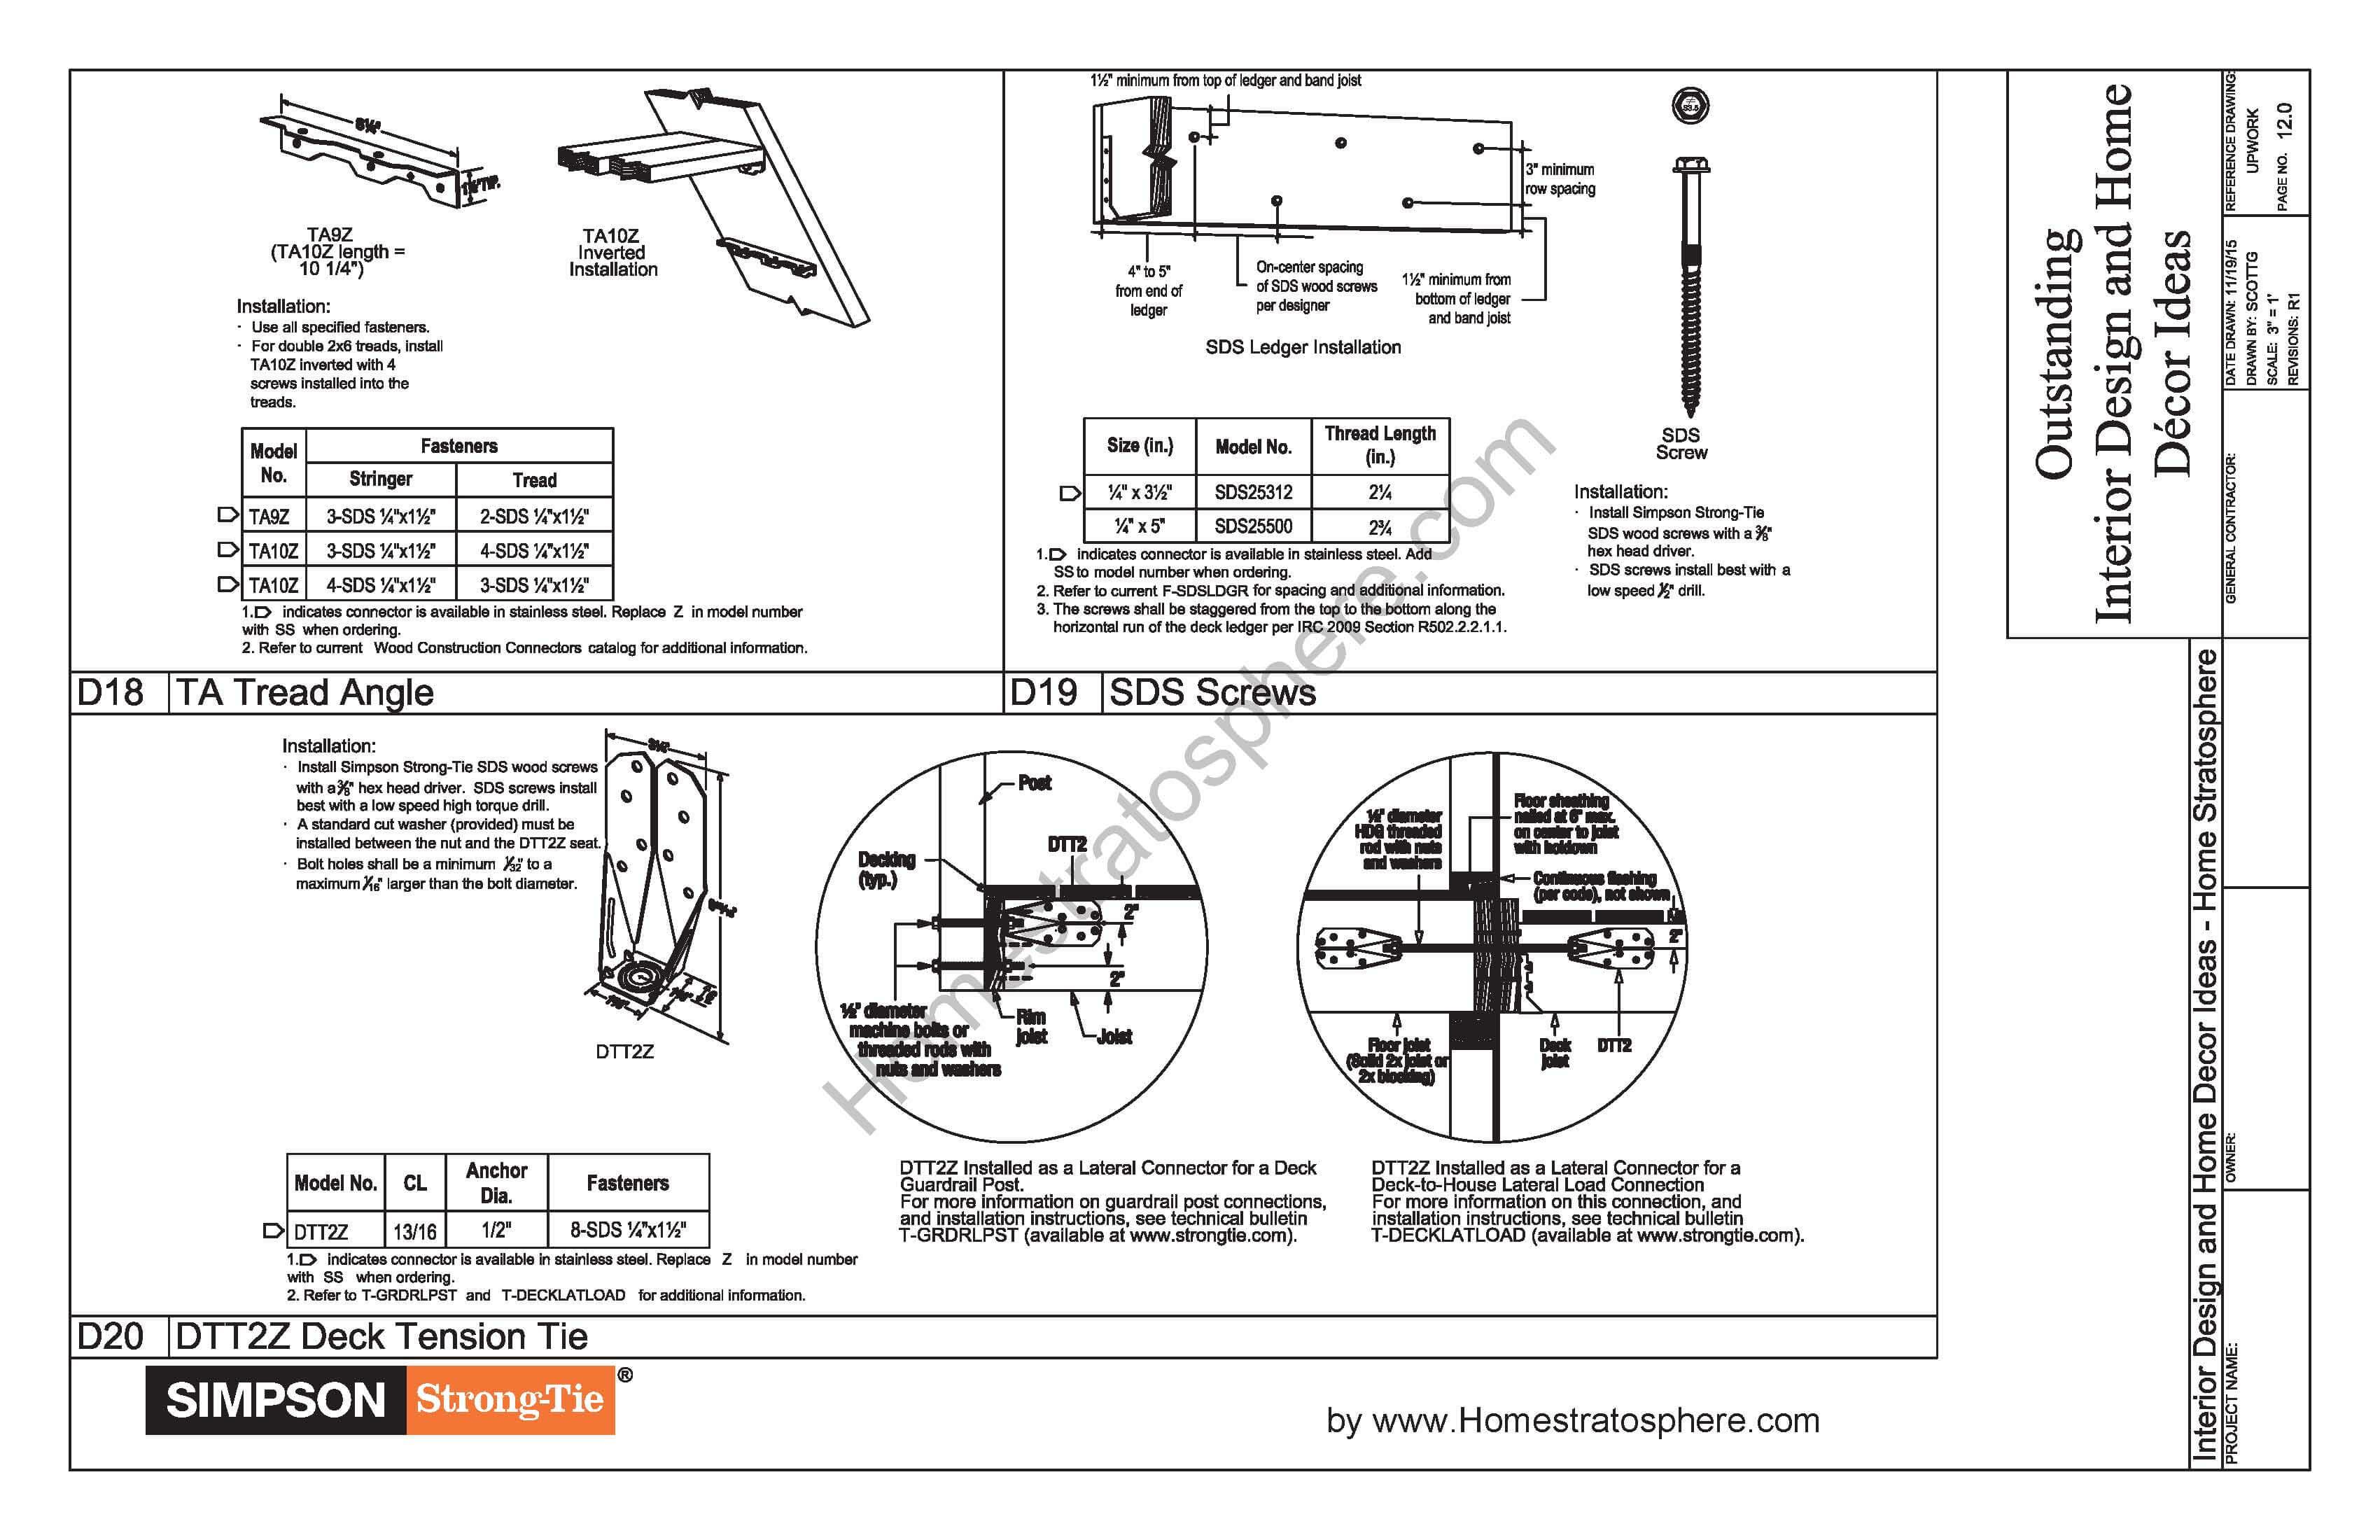 free 12 u0026 39  x 16 u0026 39  deck plan blueprint  with pdf document